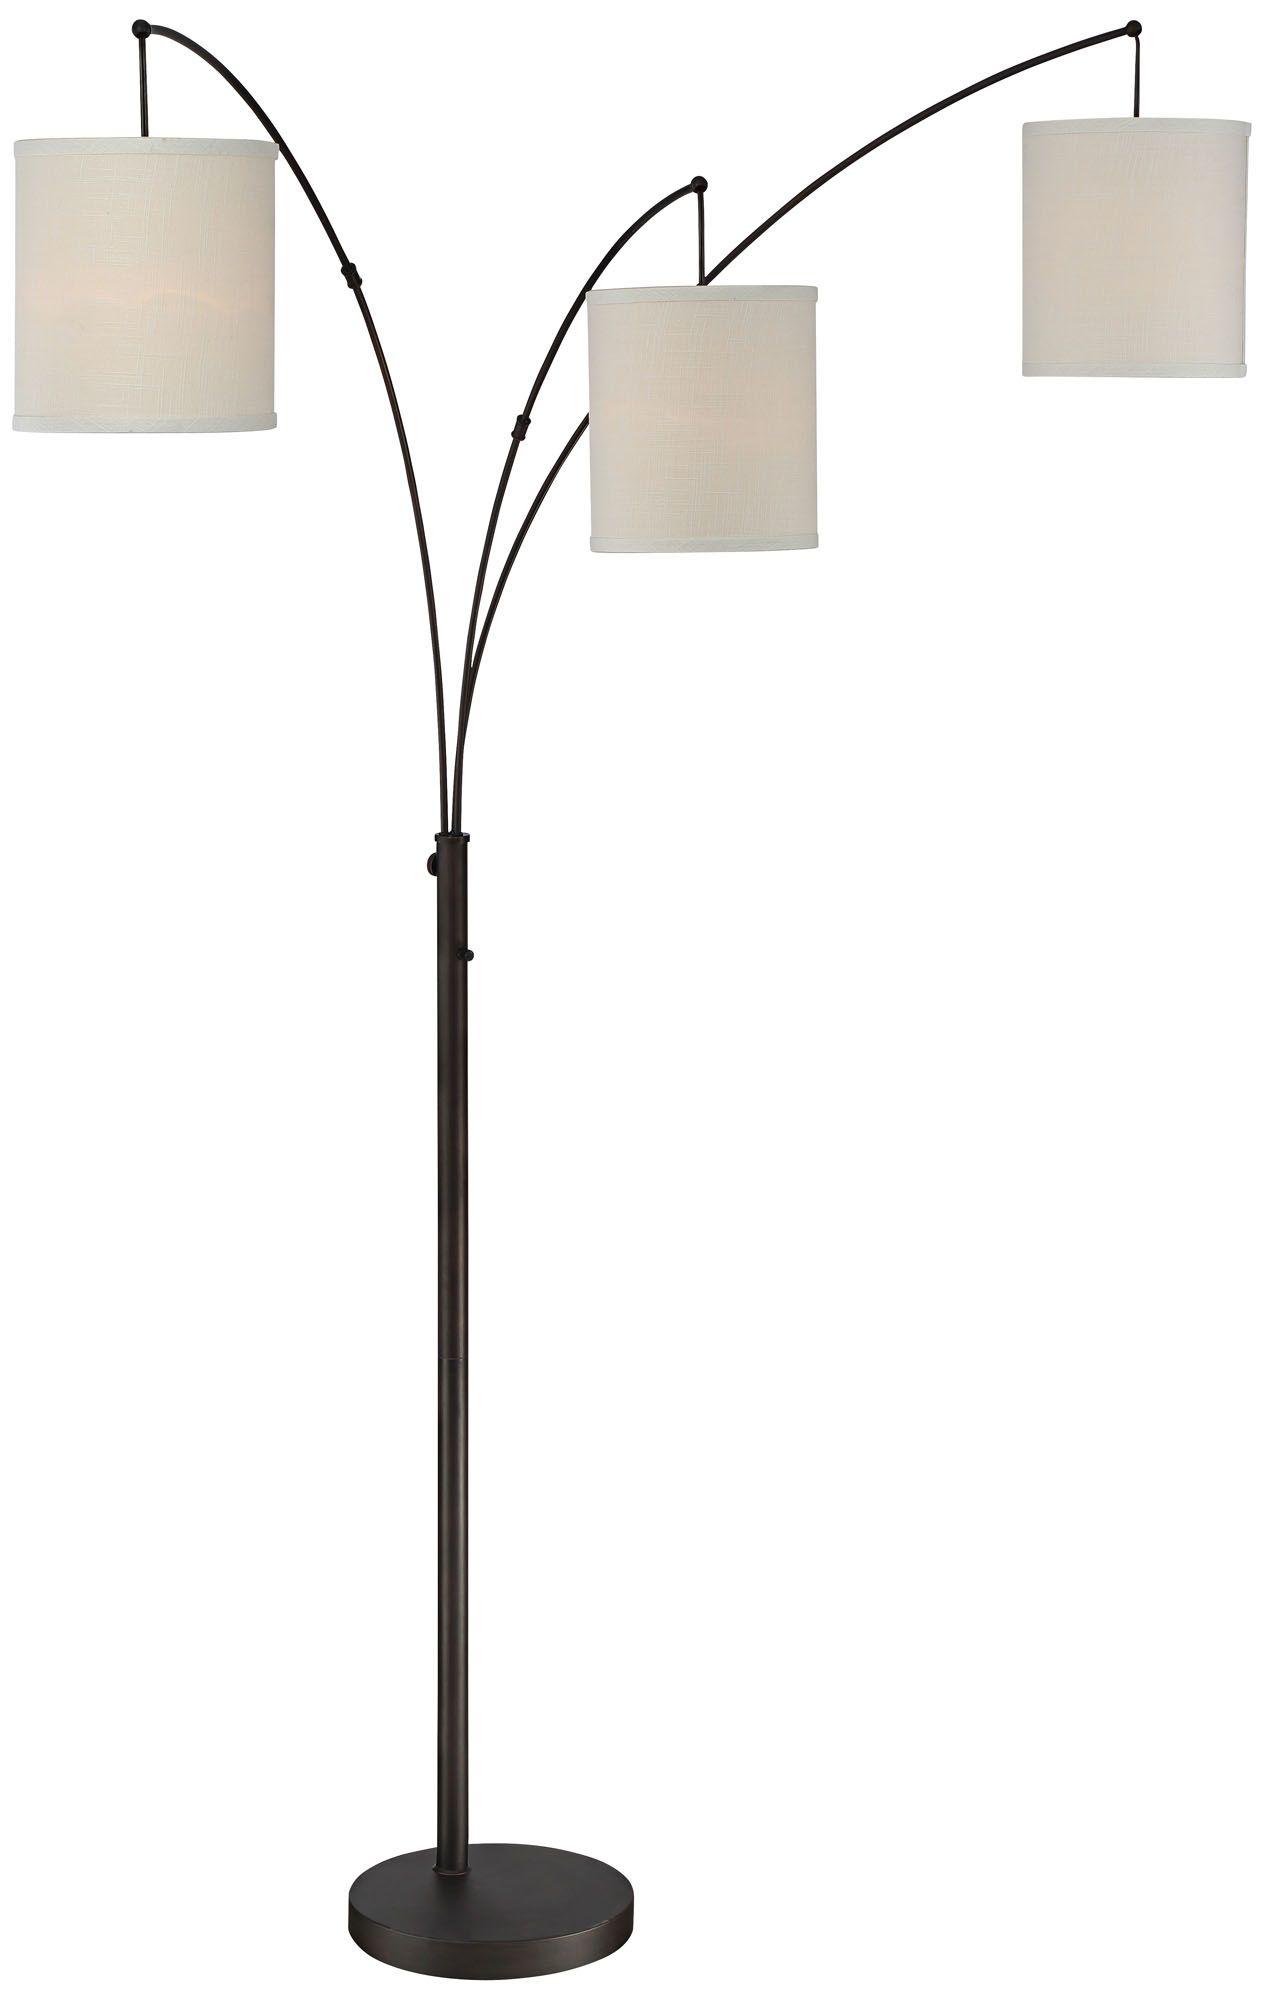 quoizel overlook oil rubbed bronze 3light arc floor lamp